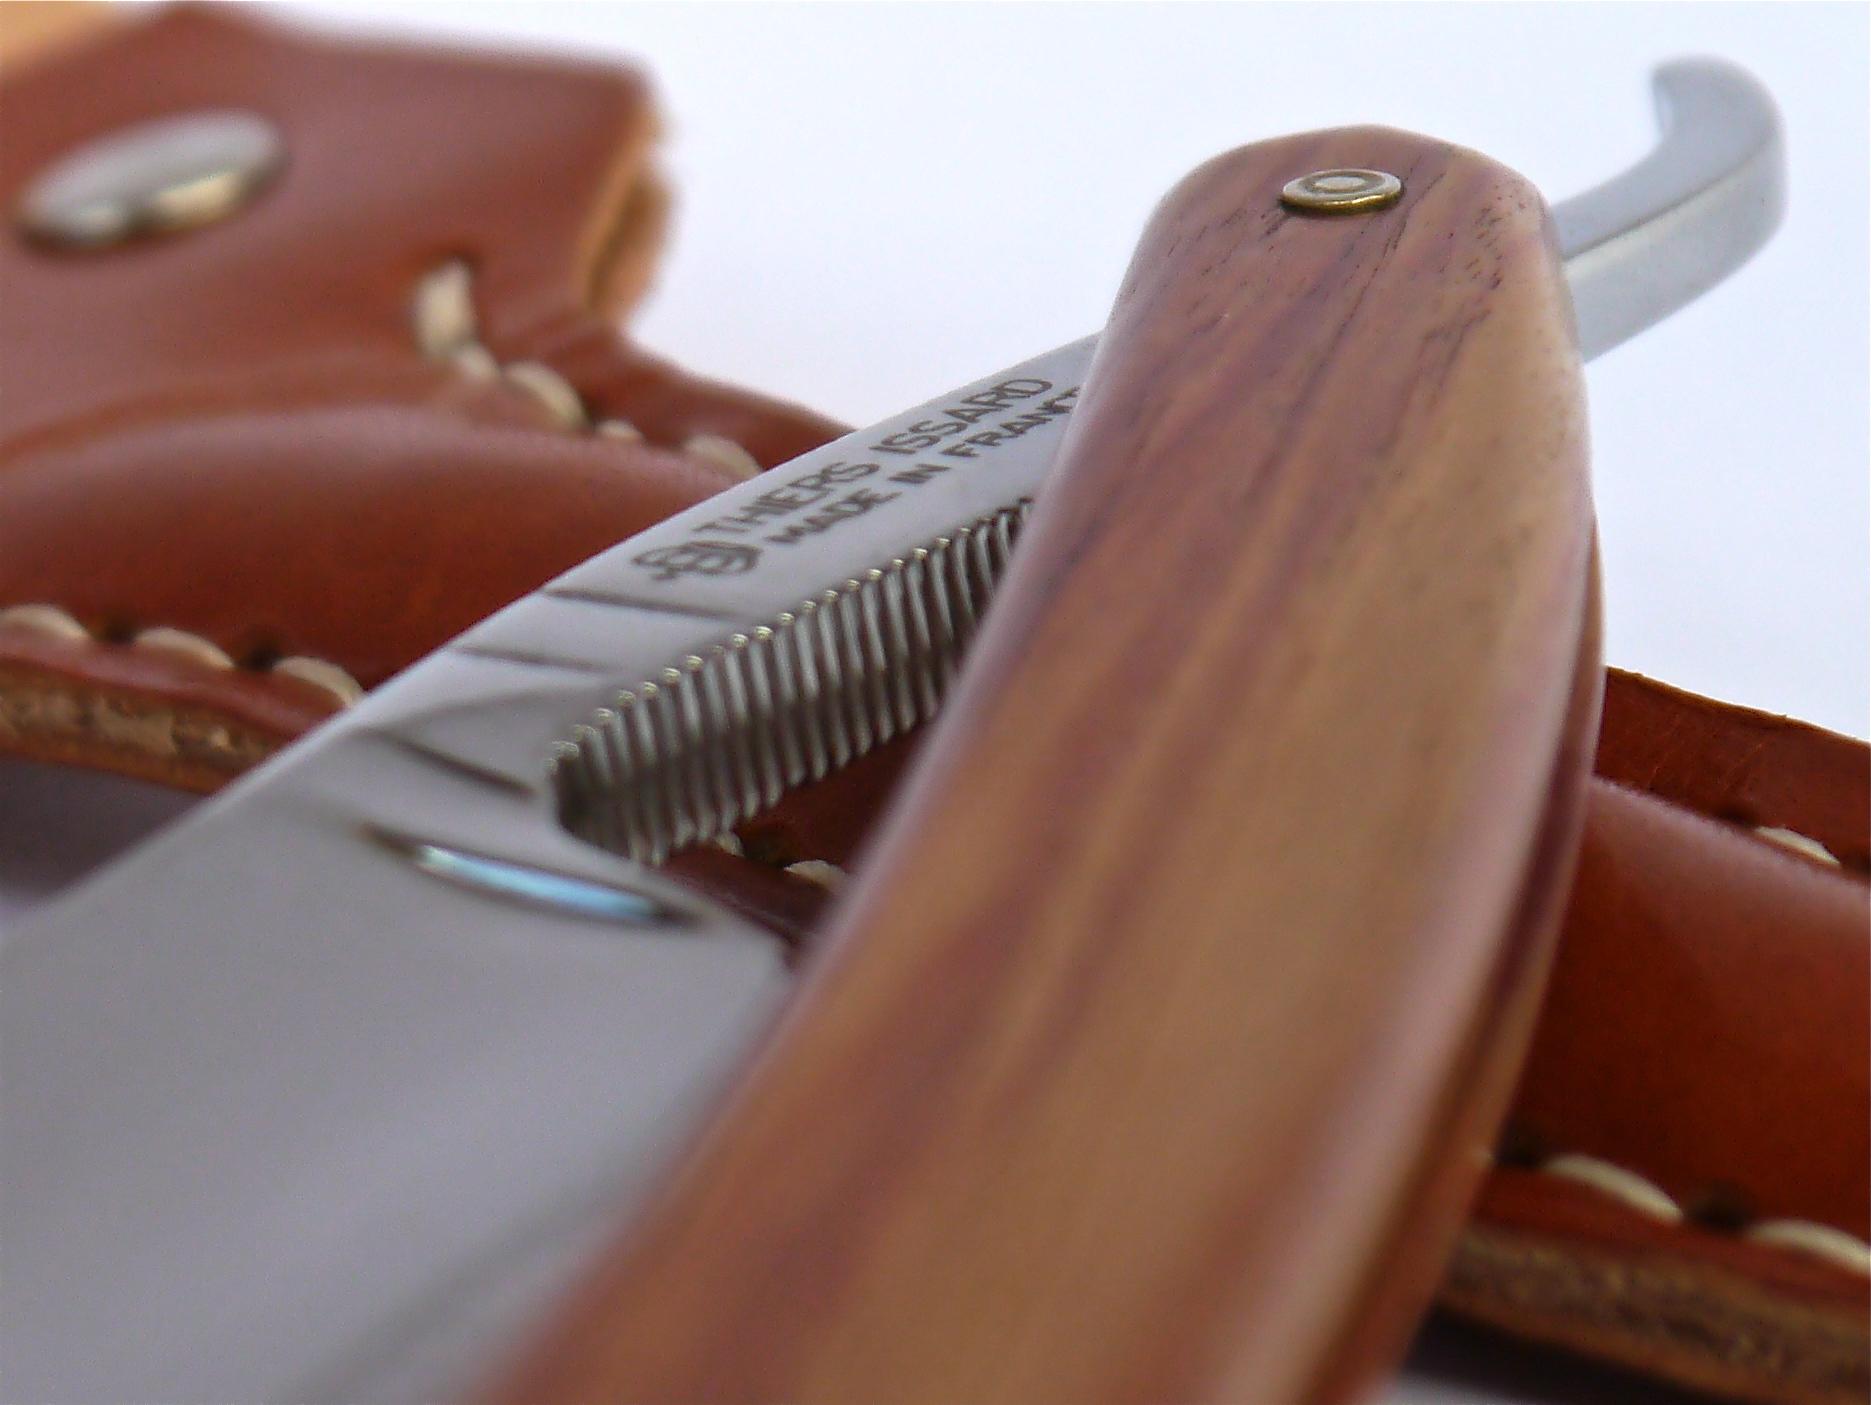 Detalle shavette Thiers Issard